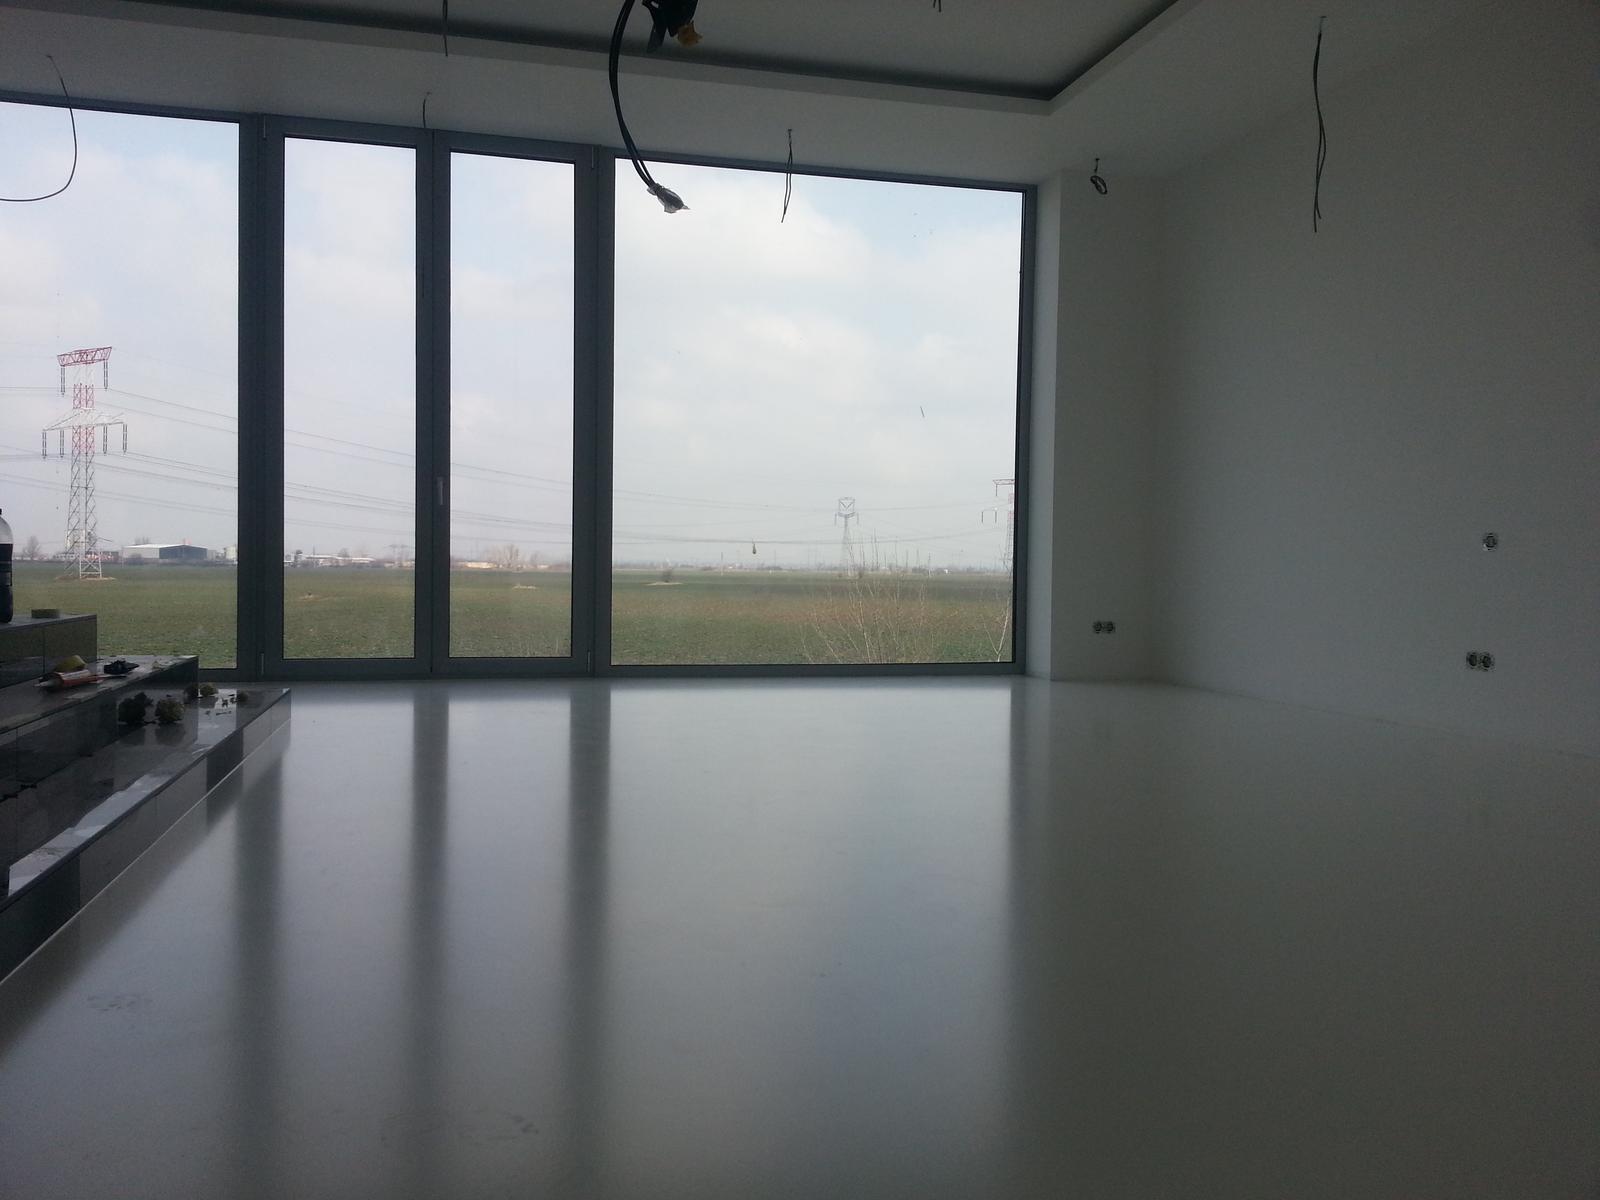 Liata podlaha - moja nová realizácia :) - Krásny priestor budúcej spálne